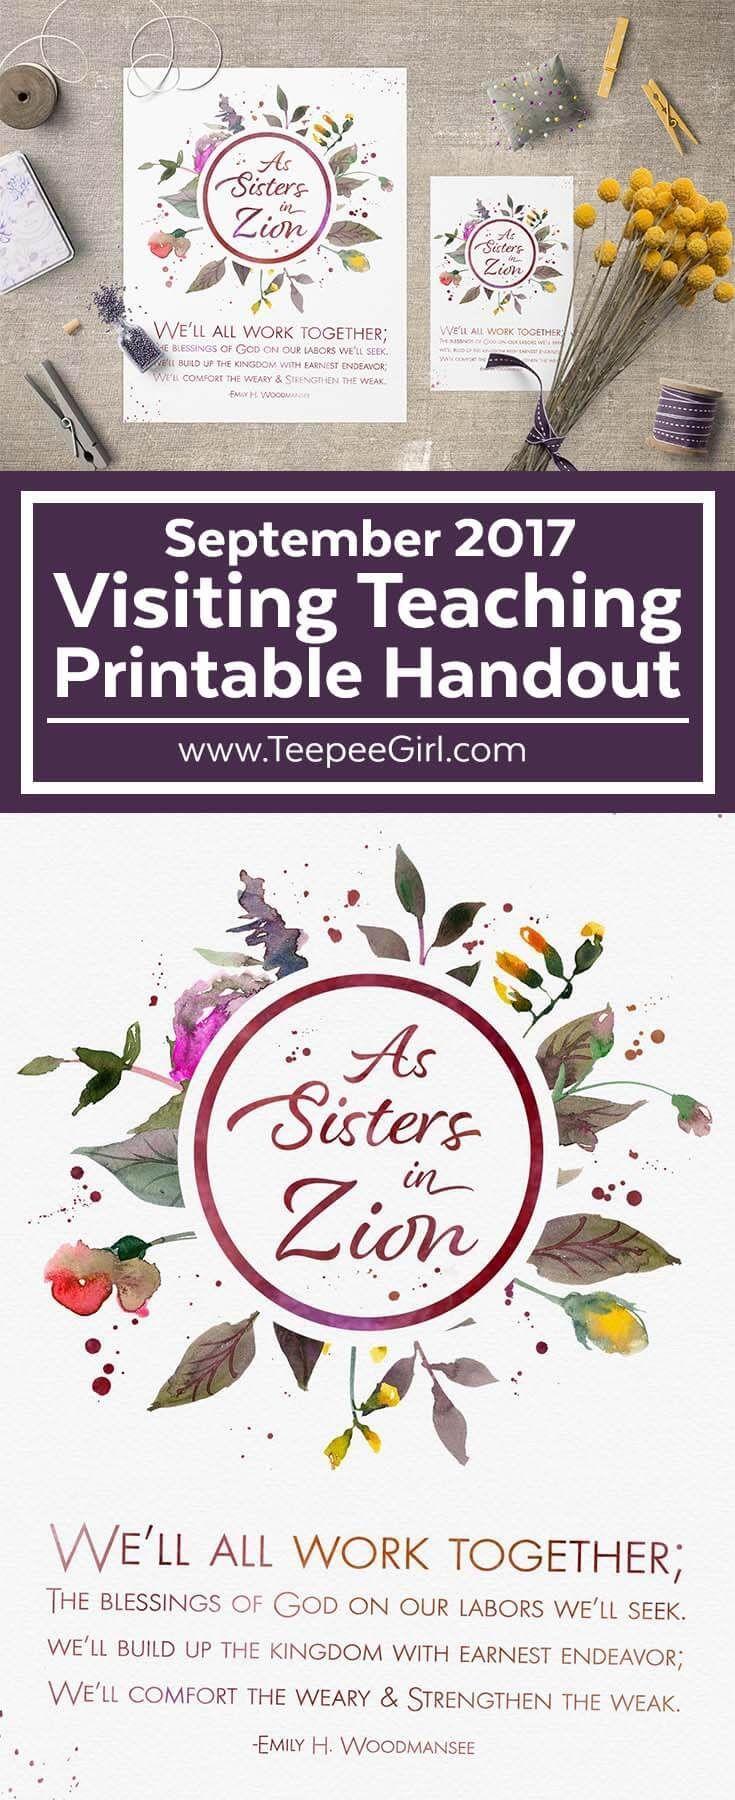 September 2017 LDS Visiting Teaching Printable Handout | As Sisters In Zion| www.TeepeeGirl.com